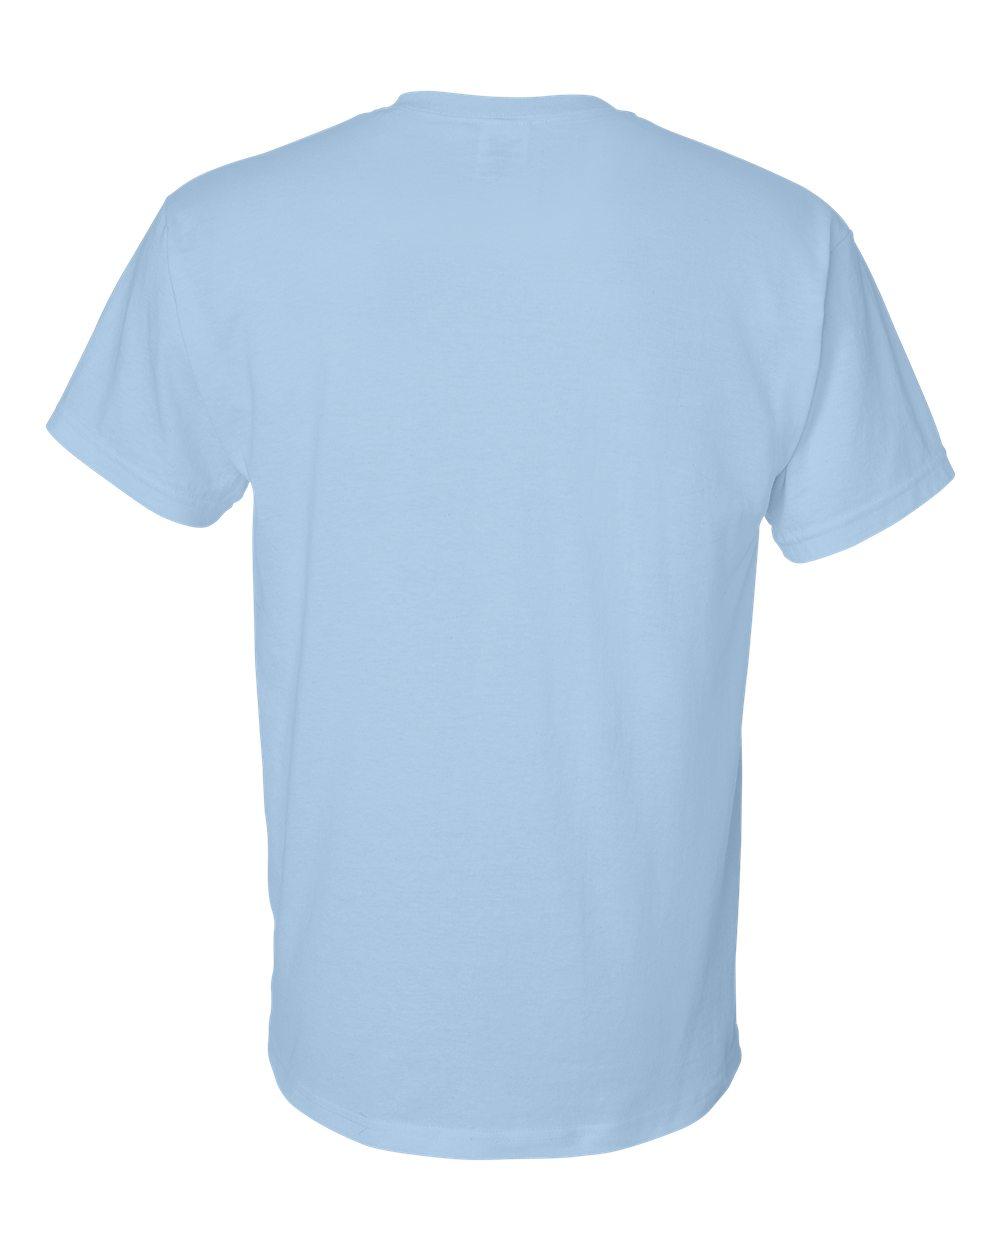 Gildan-Mens-DryBlend-5-6-oz-50-50-T-Shirt-G800-Size-S-5XL thumbnail 48